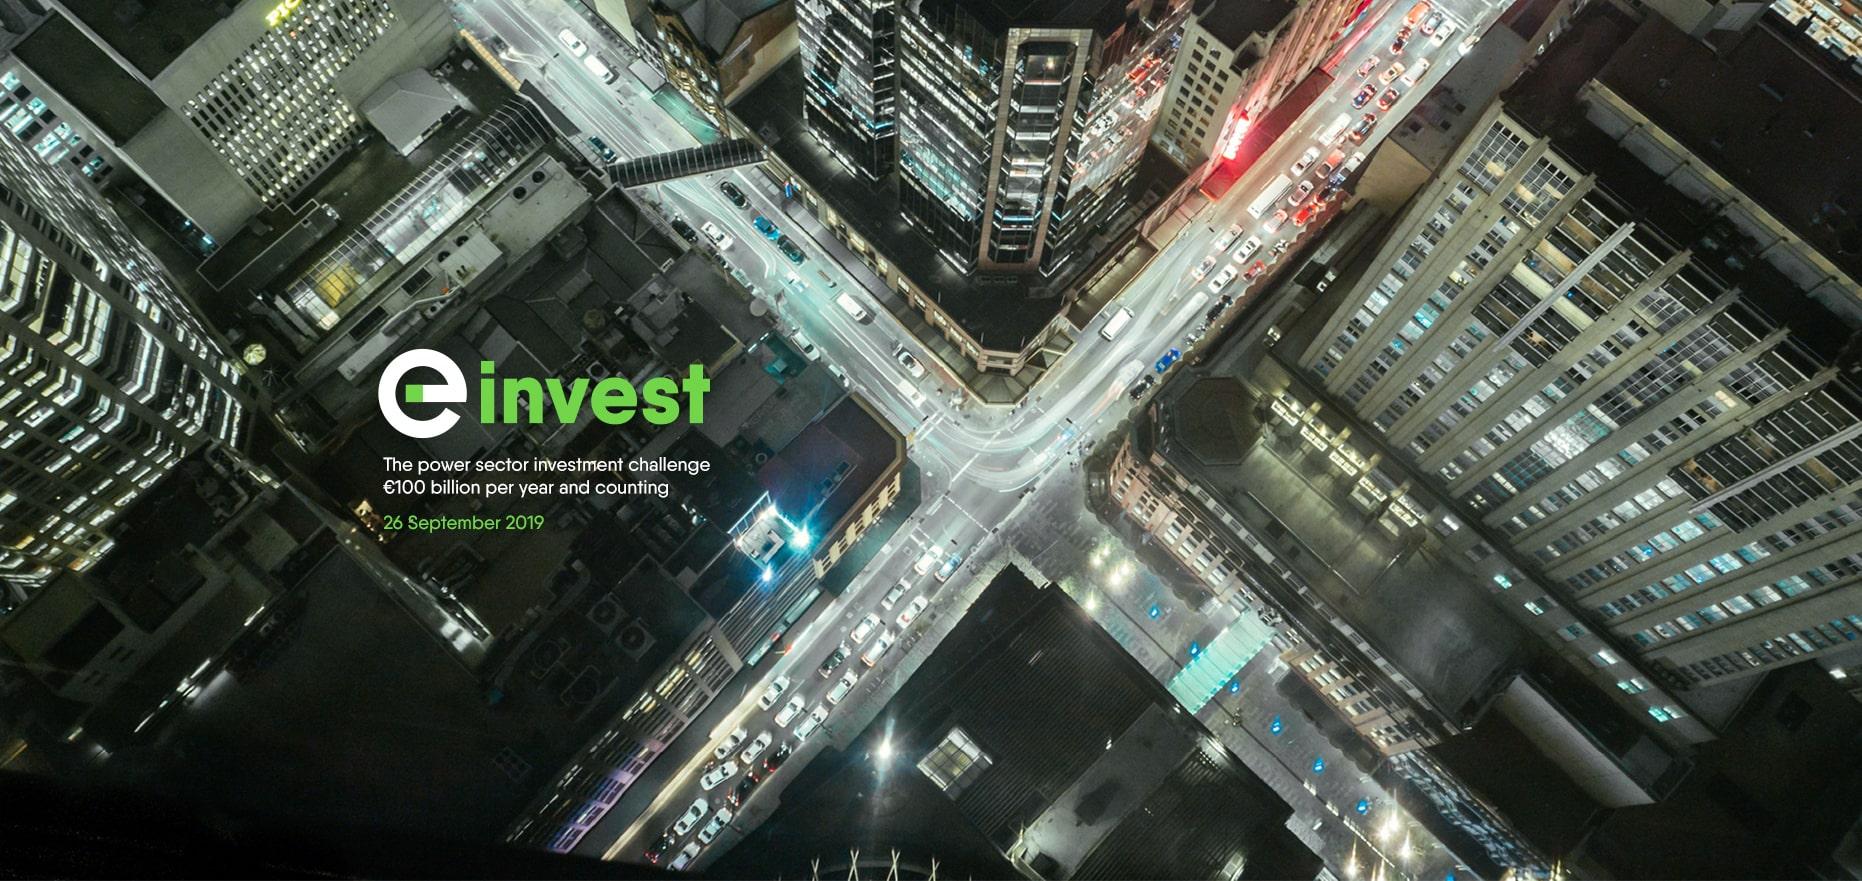 E-invest